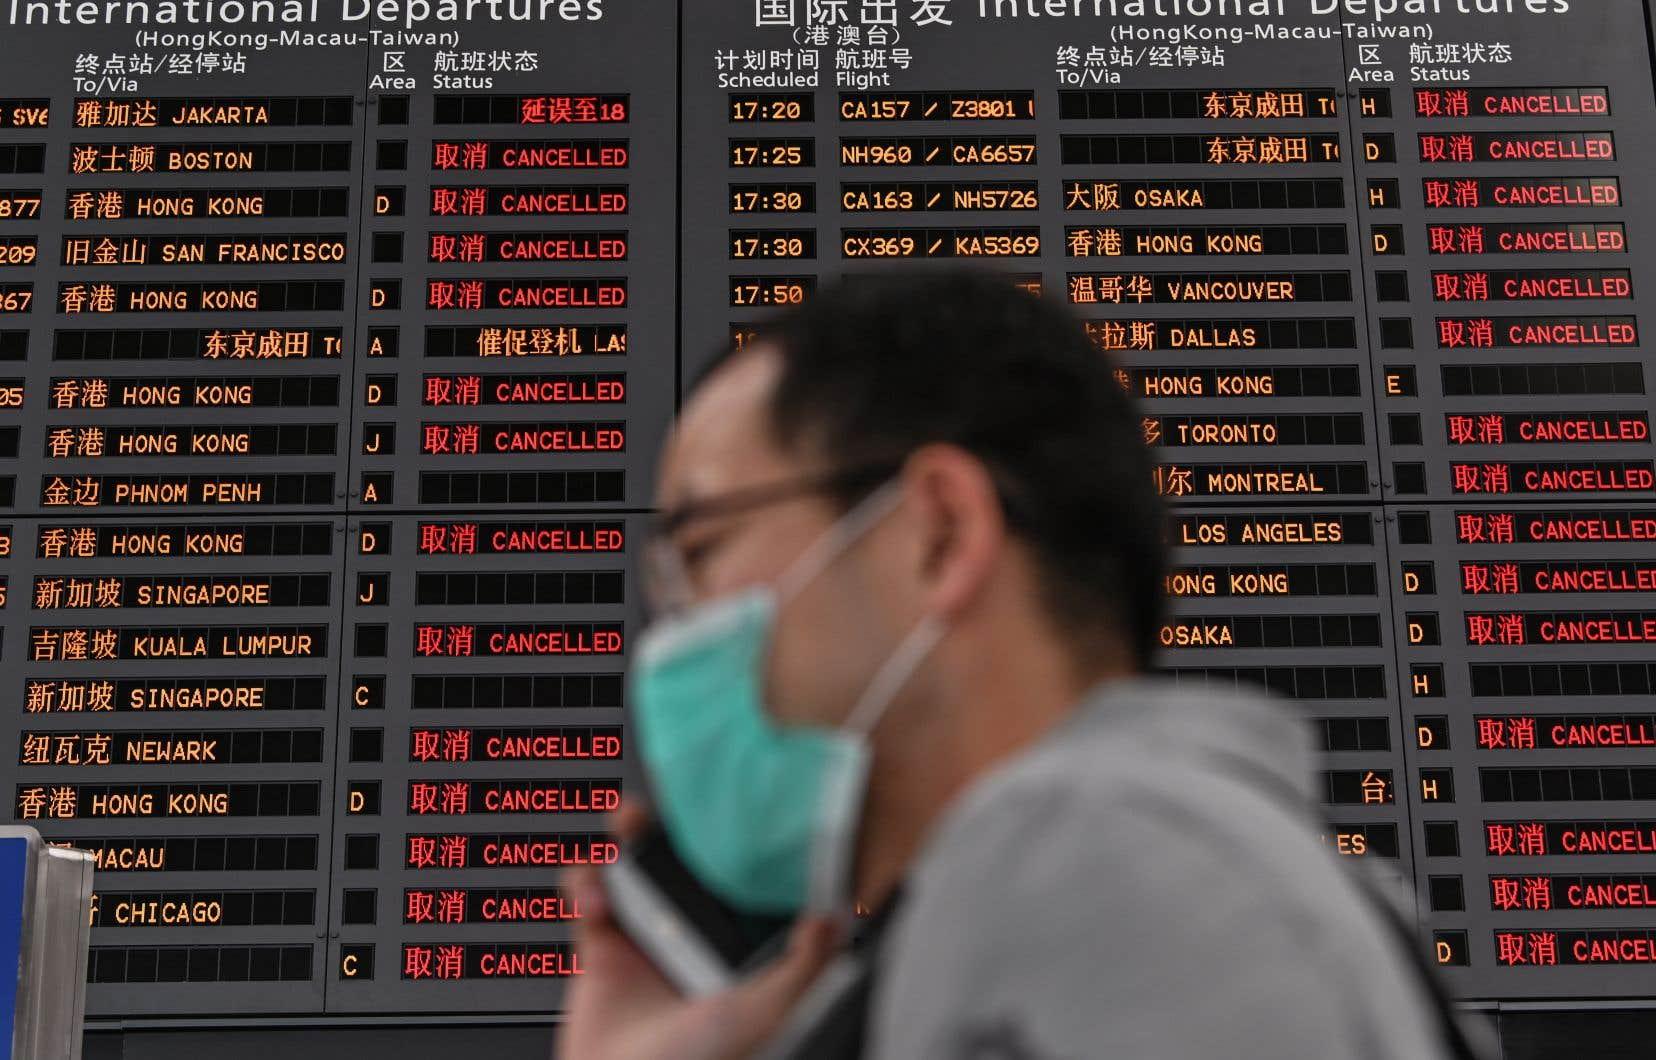 <p>Ces restrictions compliquent encore davantage un voyage vers la Chine. Et risquent de rebuter nombre de passagers potentiels.</p>